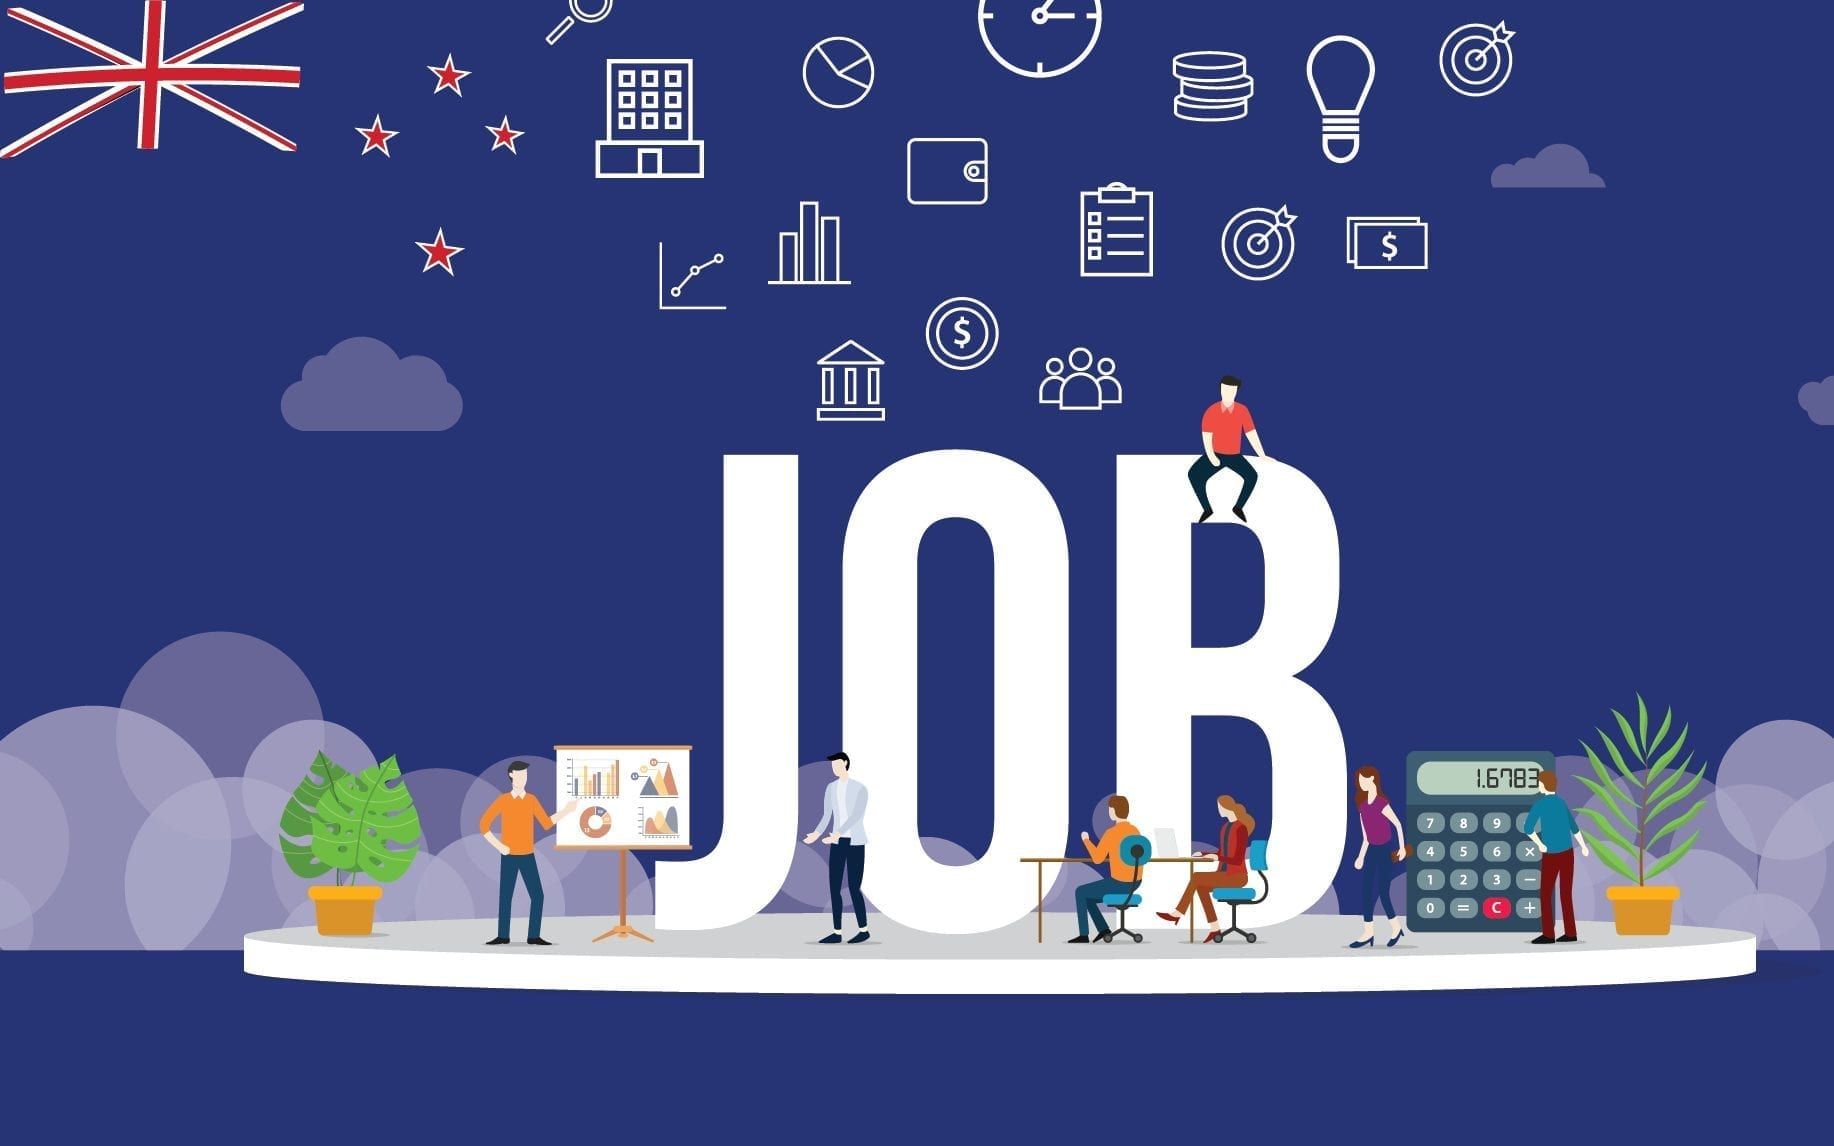 Explore Job Opportunities in New Zealand